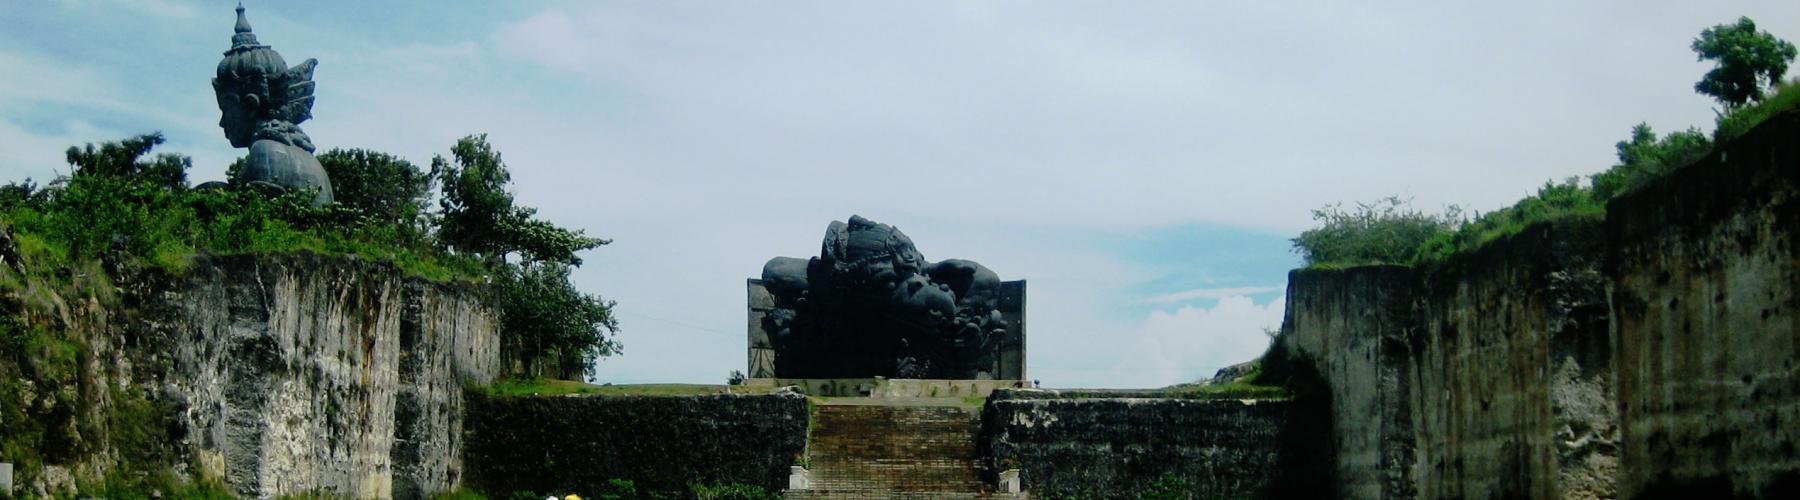 Денпасар, Индонезия